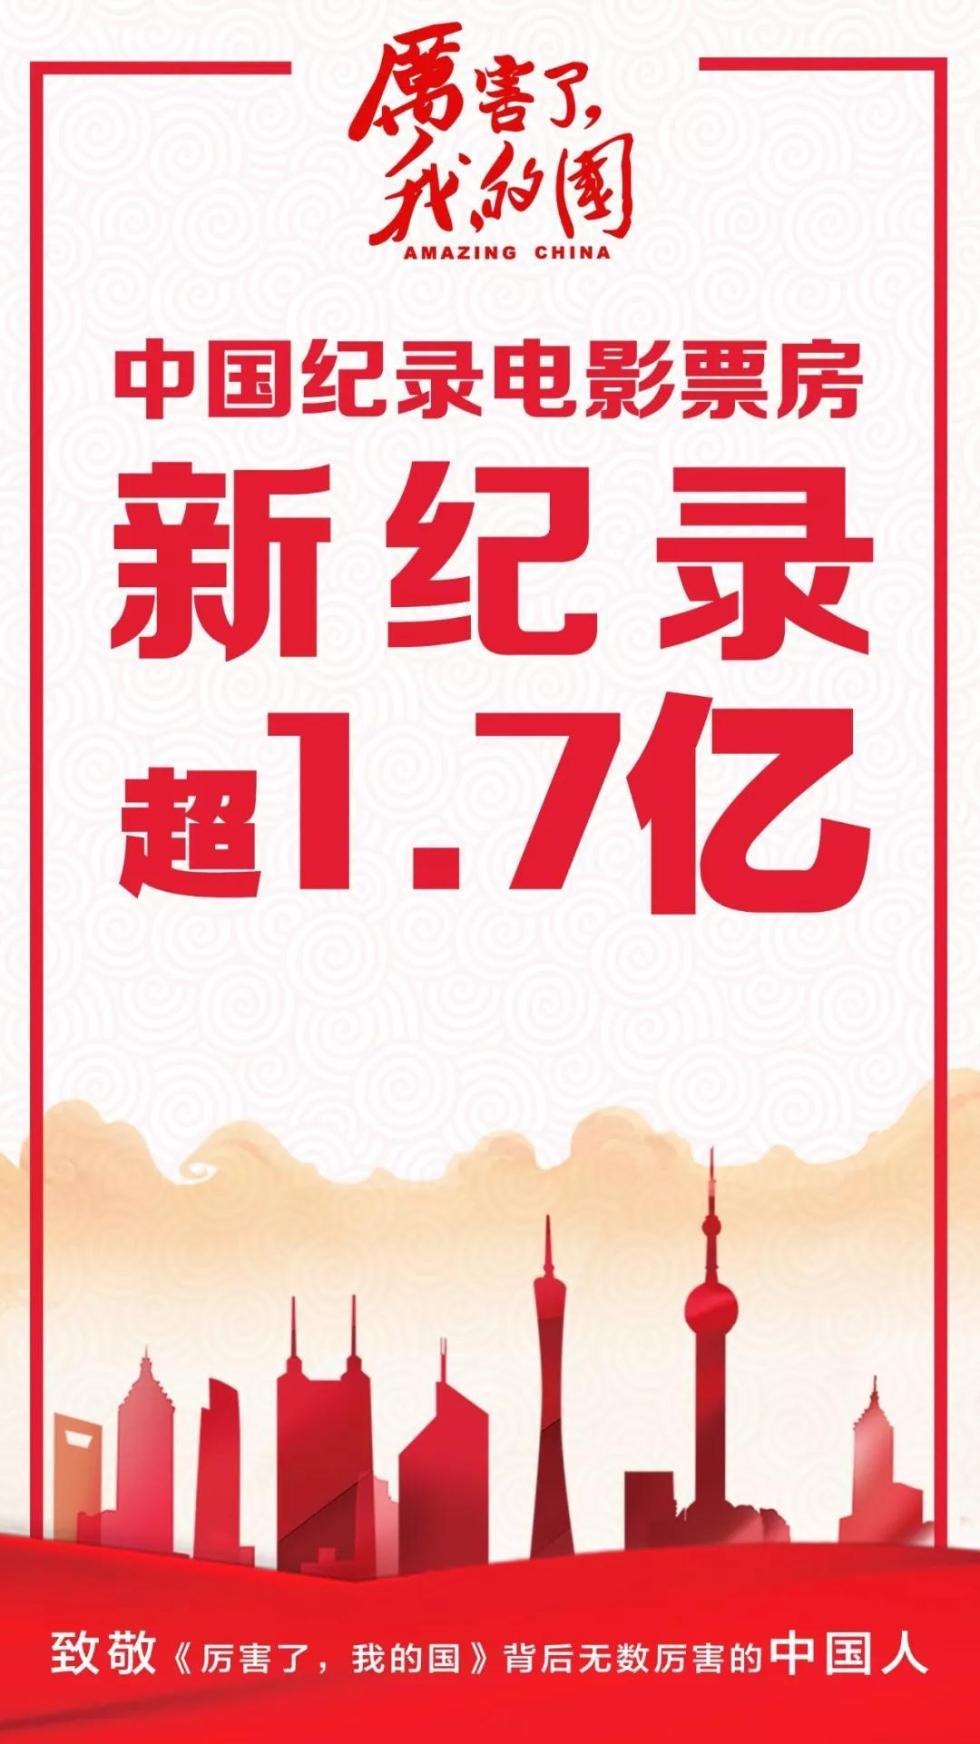 超1.7亿元!这部电影刷新了中国纪录电影票房的新纪录